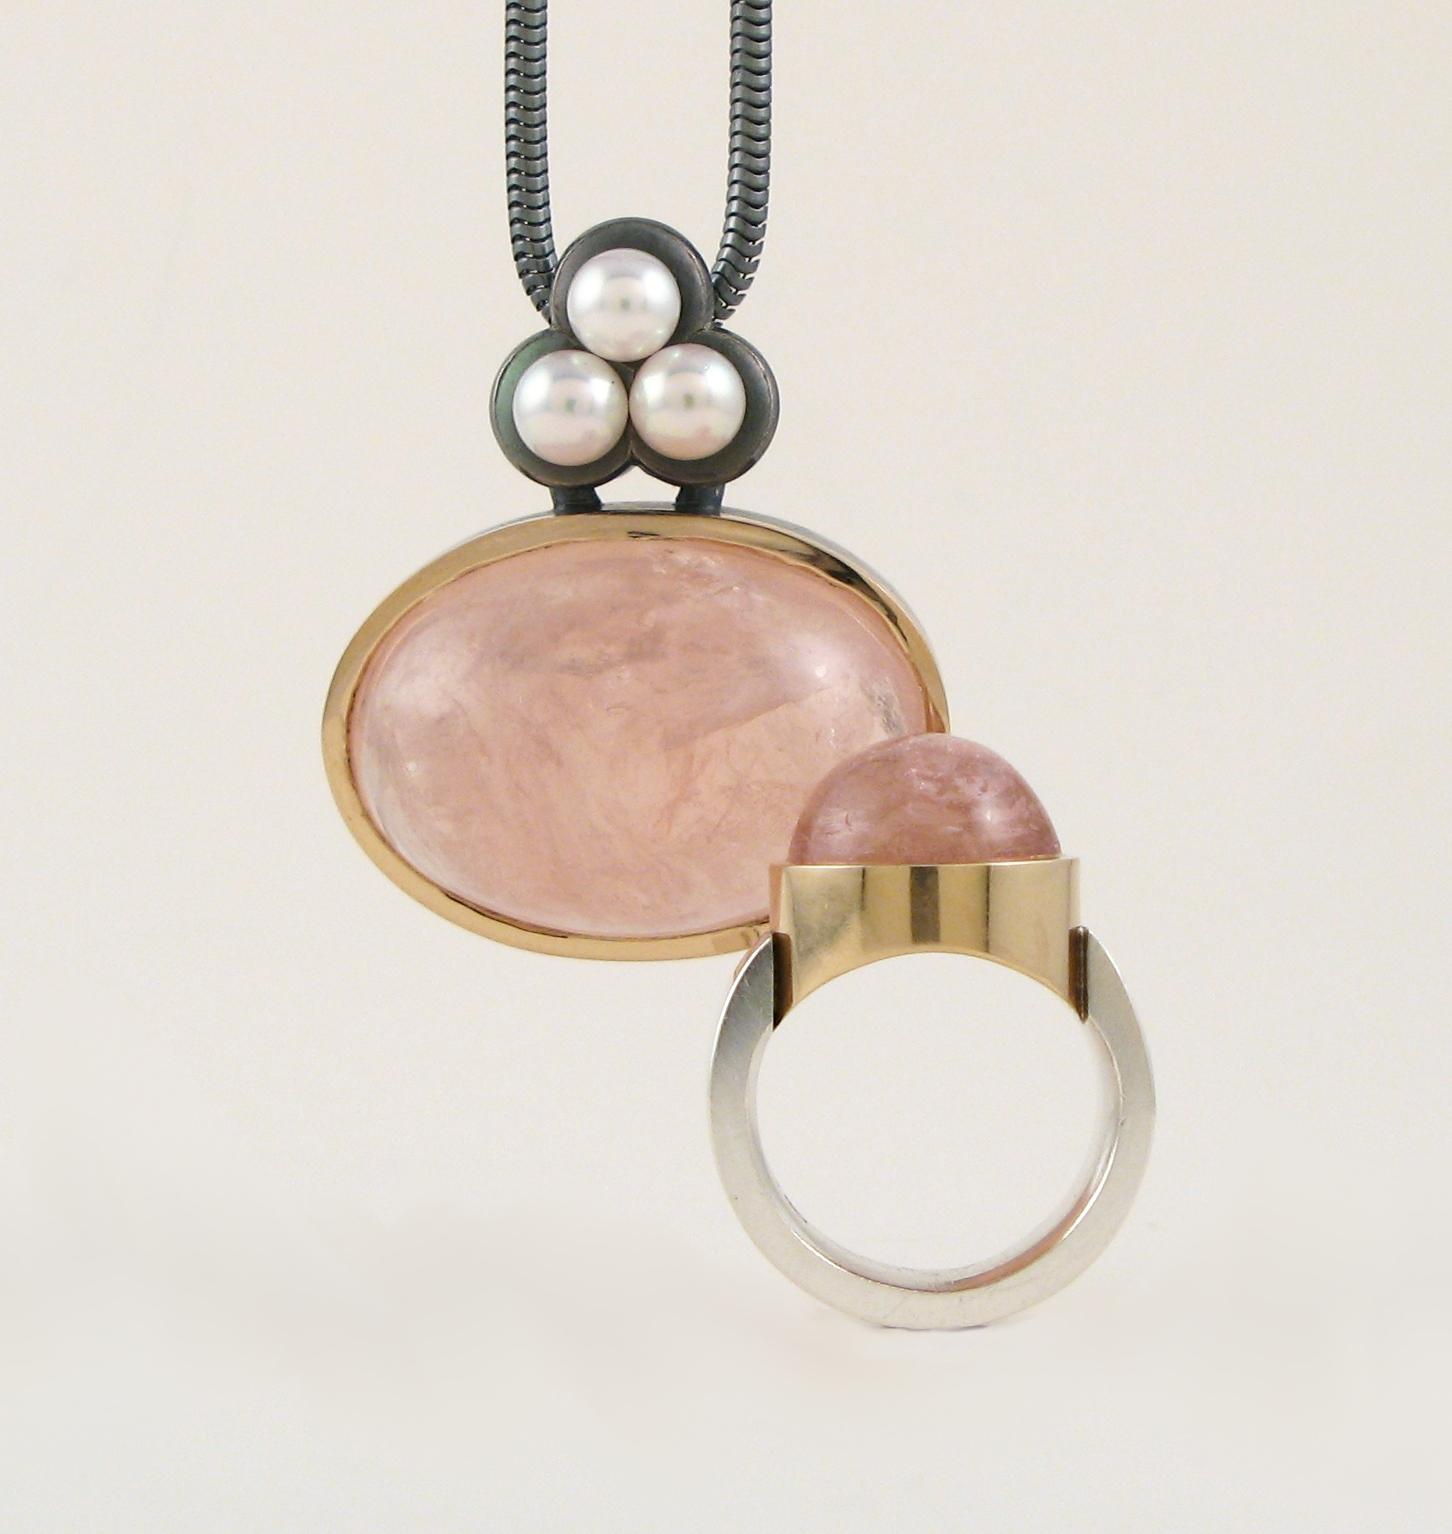 Hänge, guld, silver, rosakvarts och pärlor.